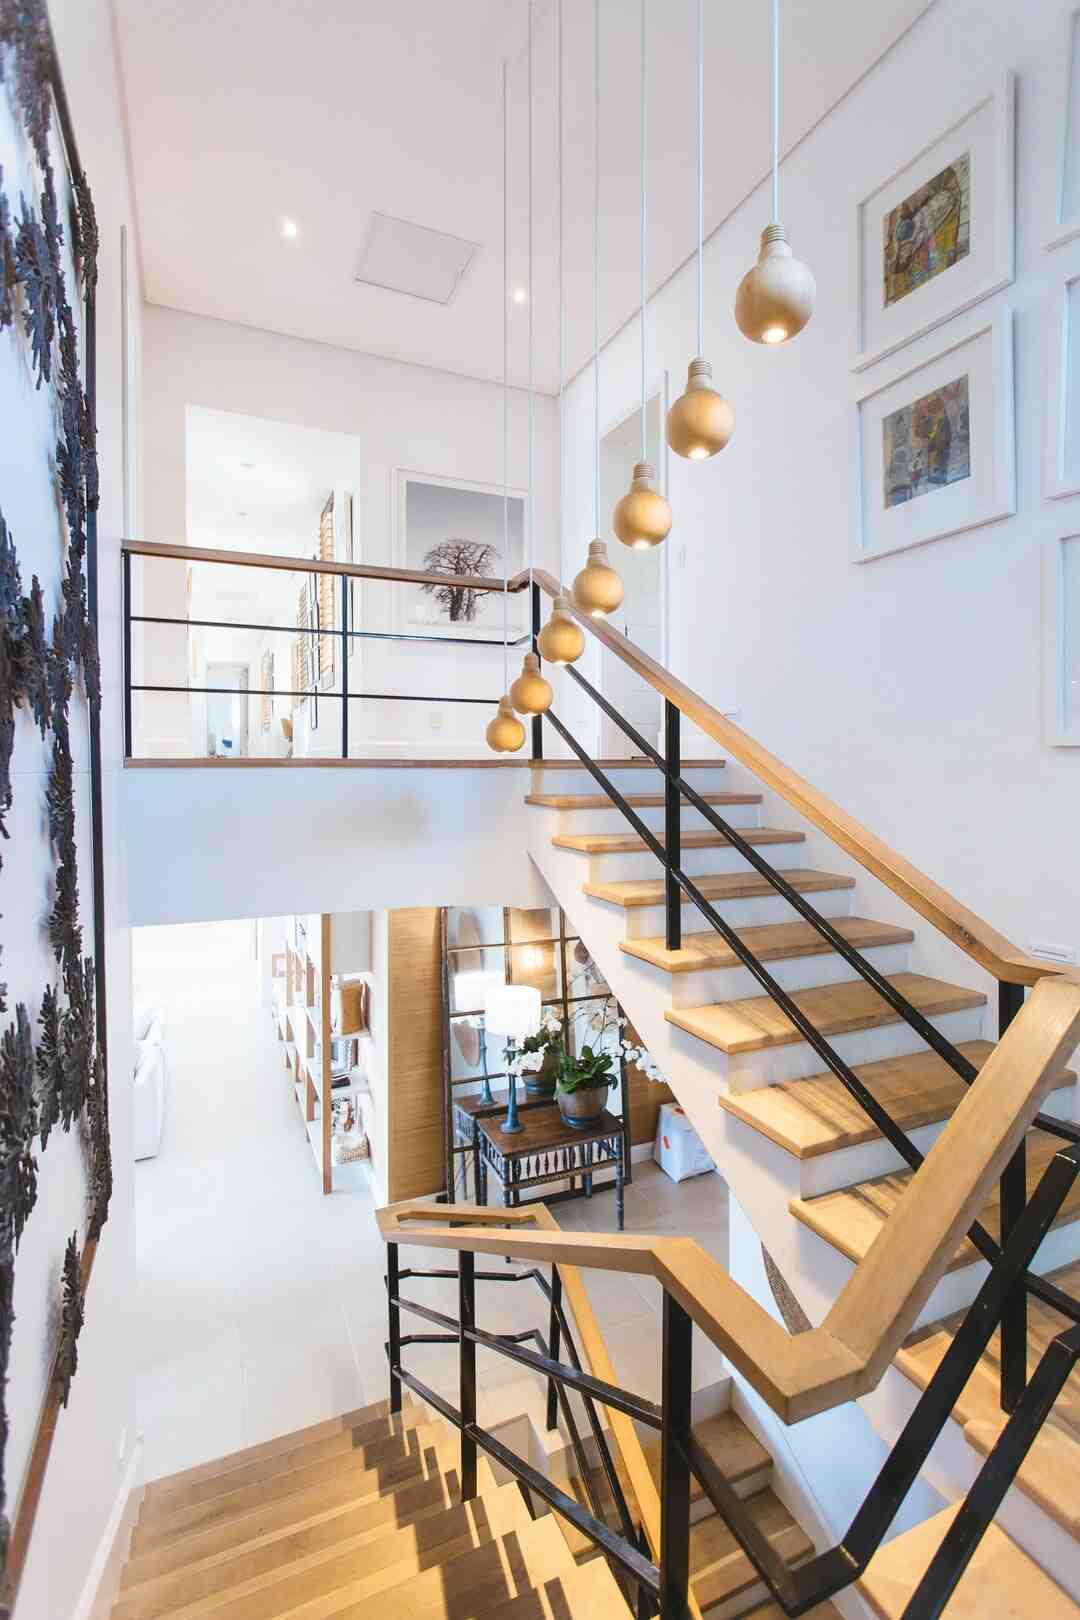 Comment carreler un escalier extérieur